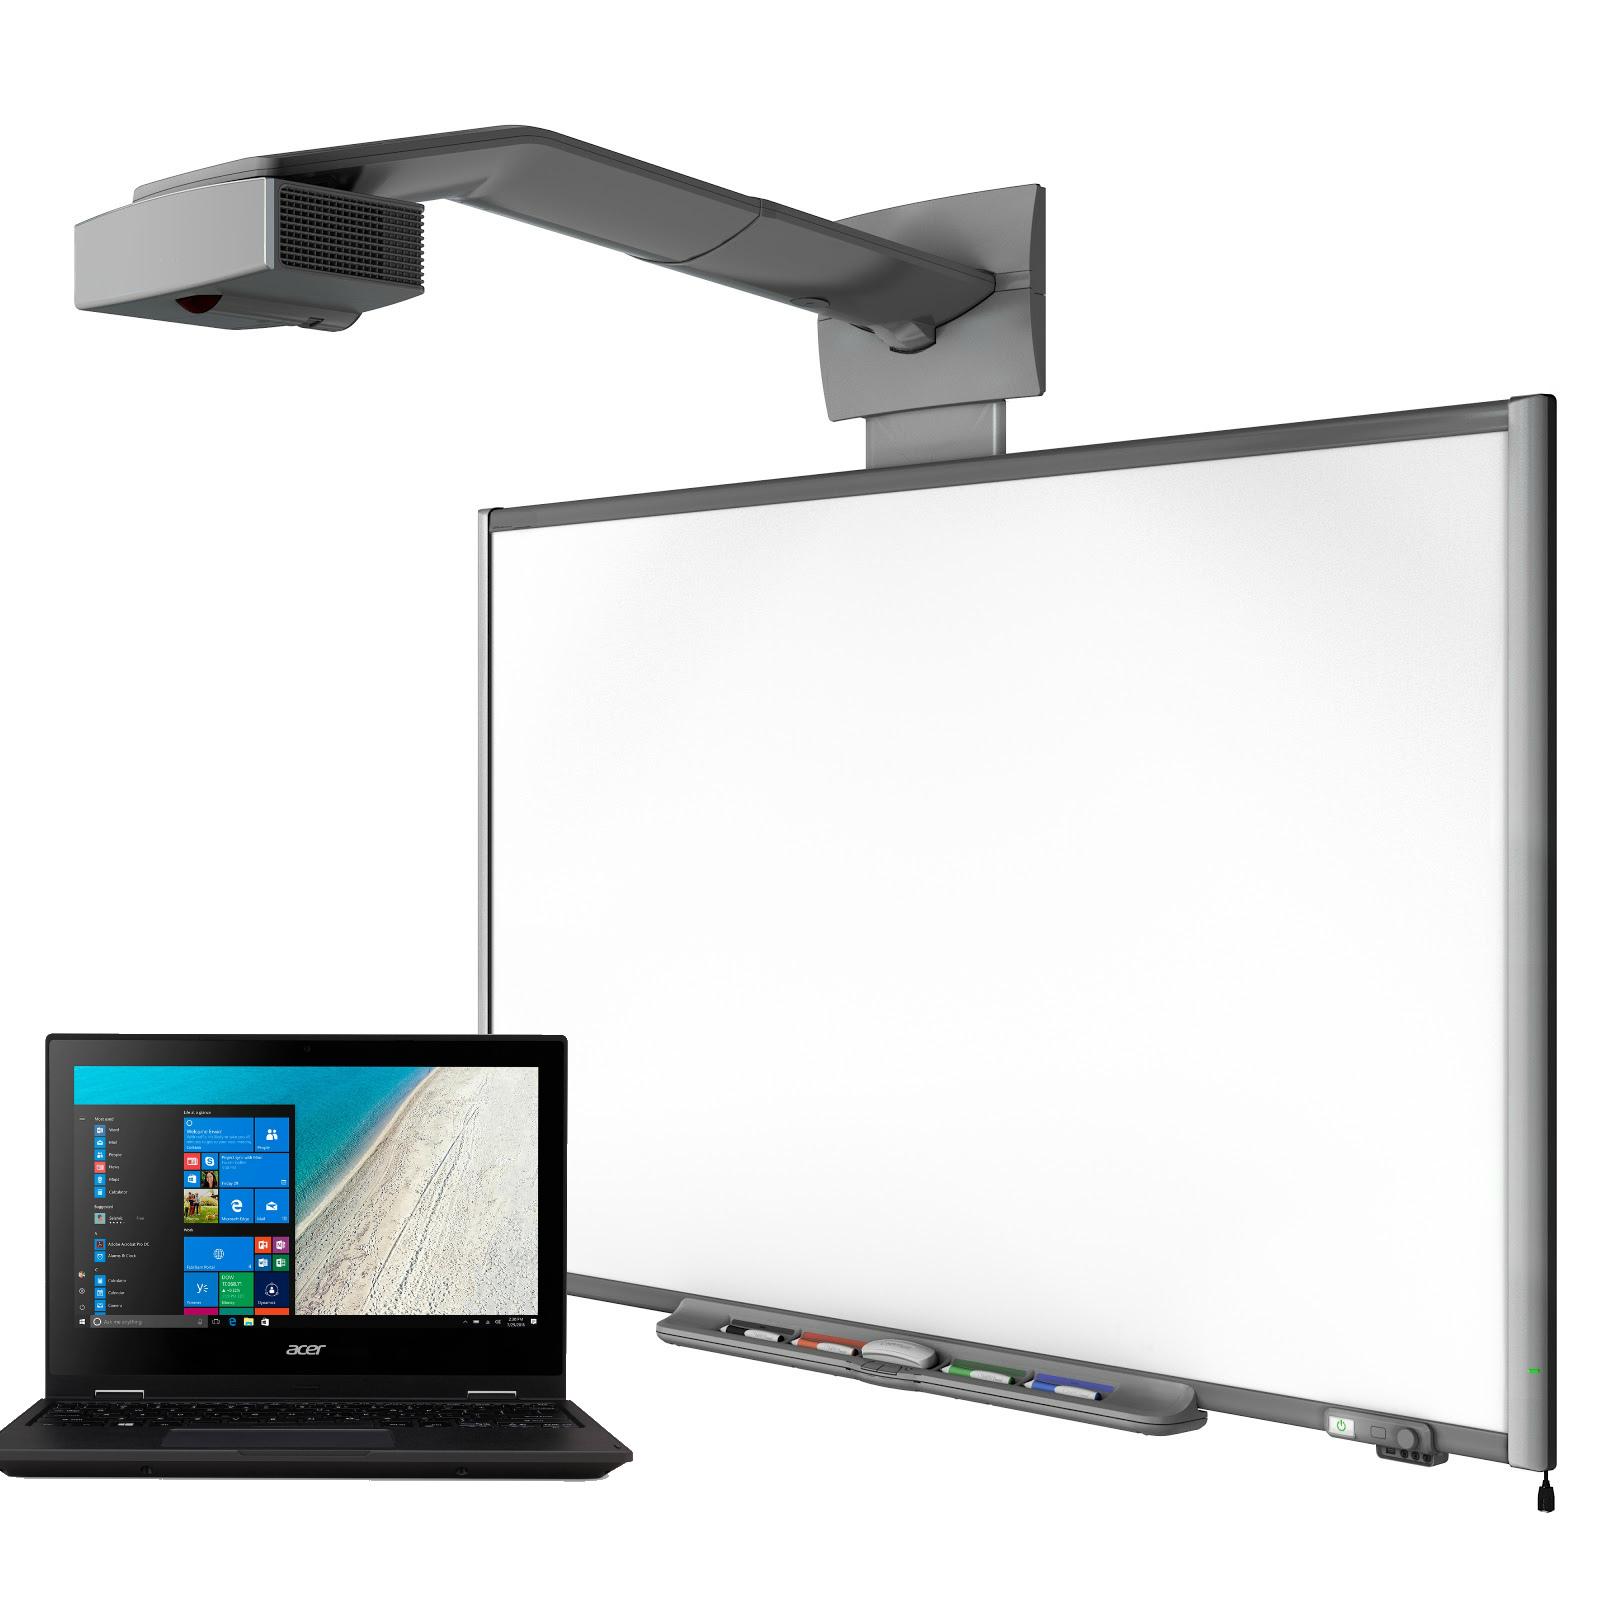 інтерактивний комплекс з ноутбуком, дошкою і проектором